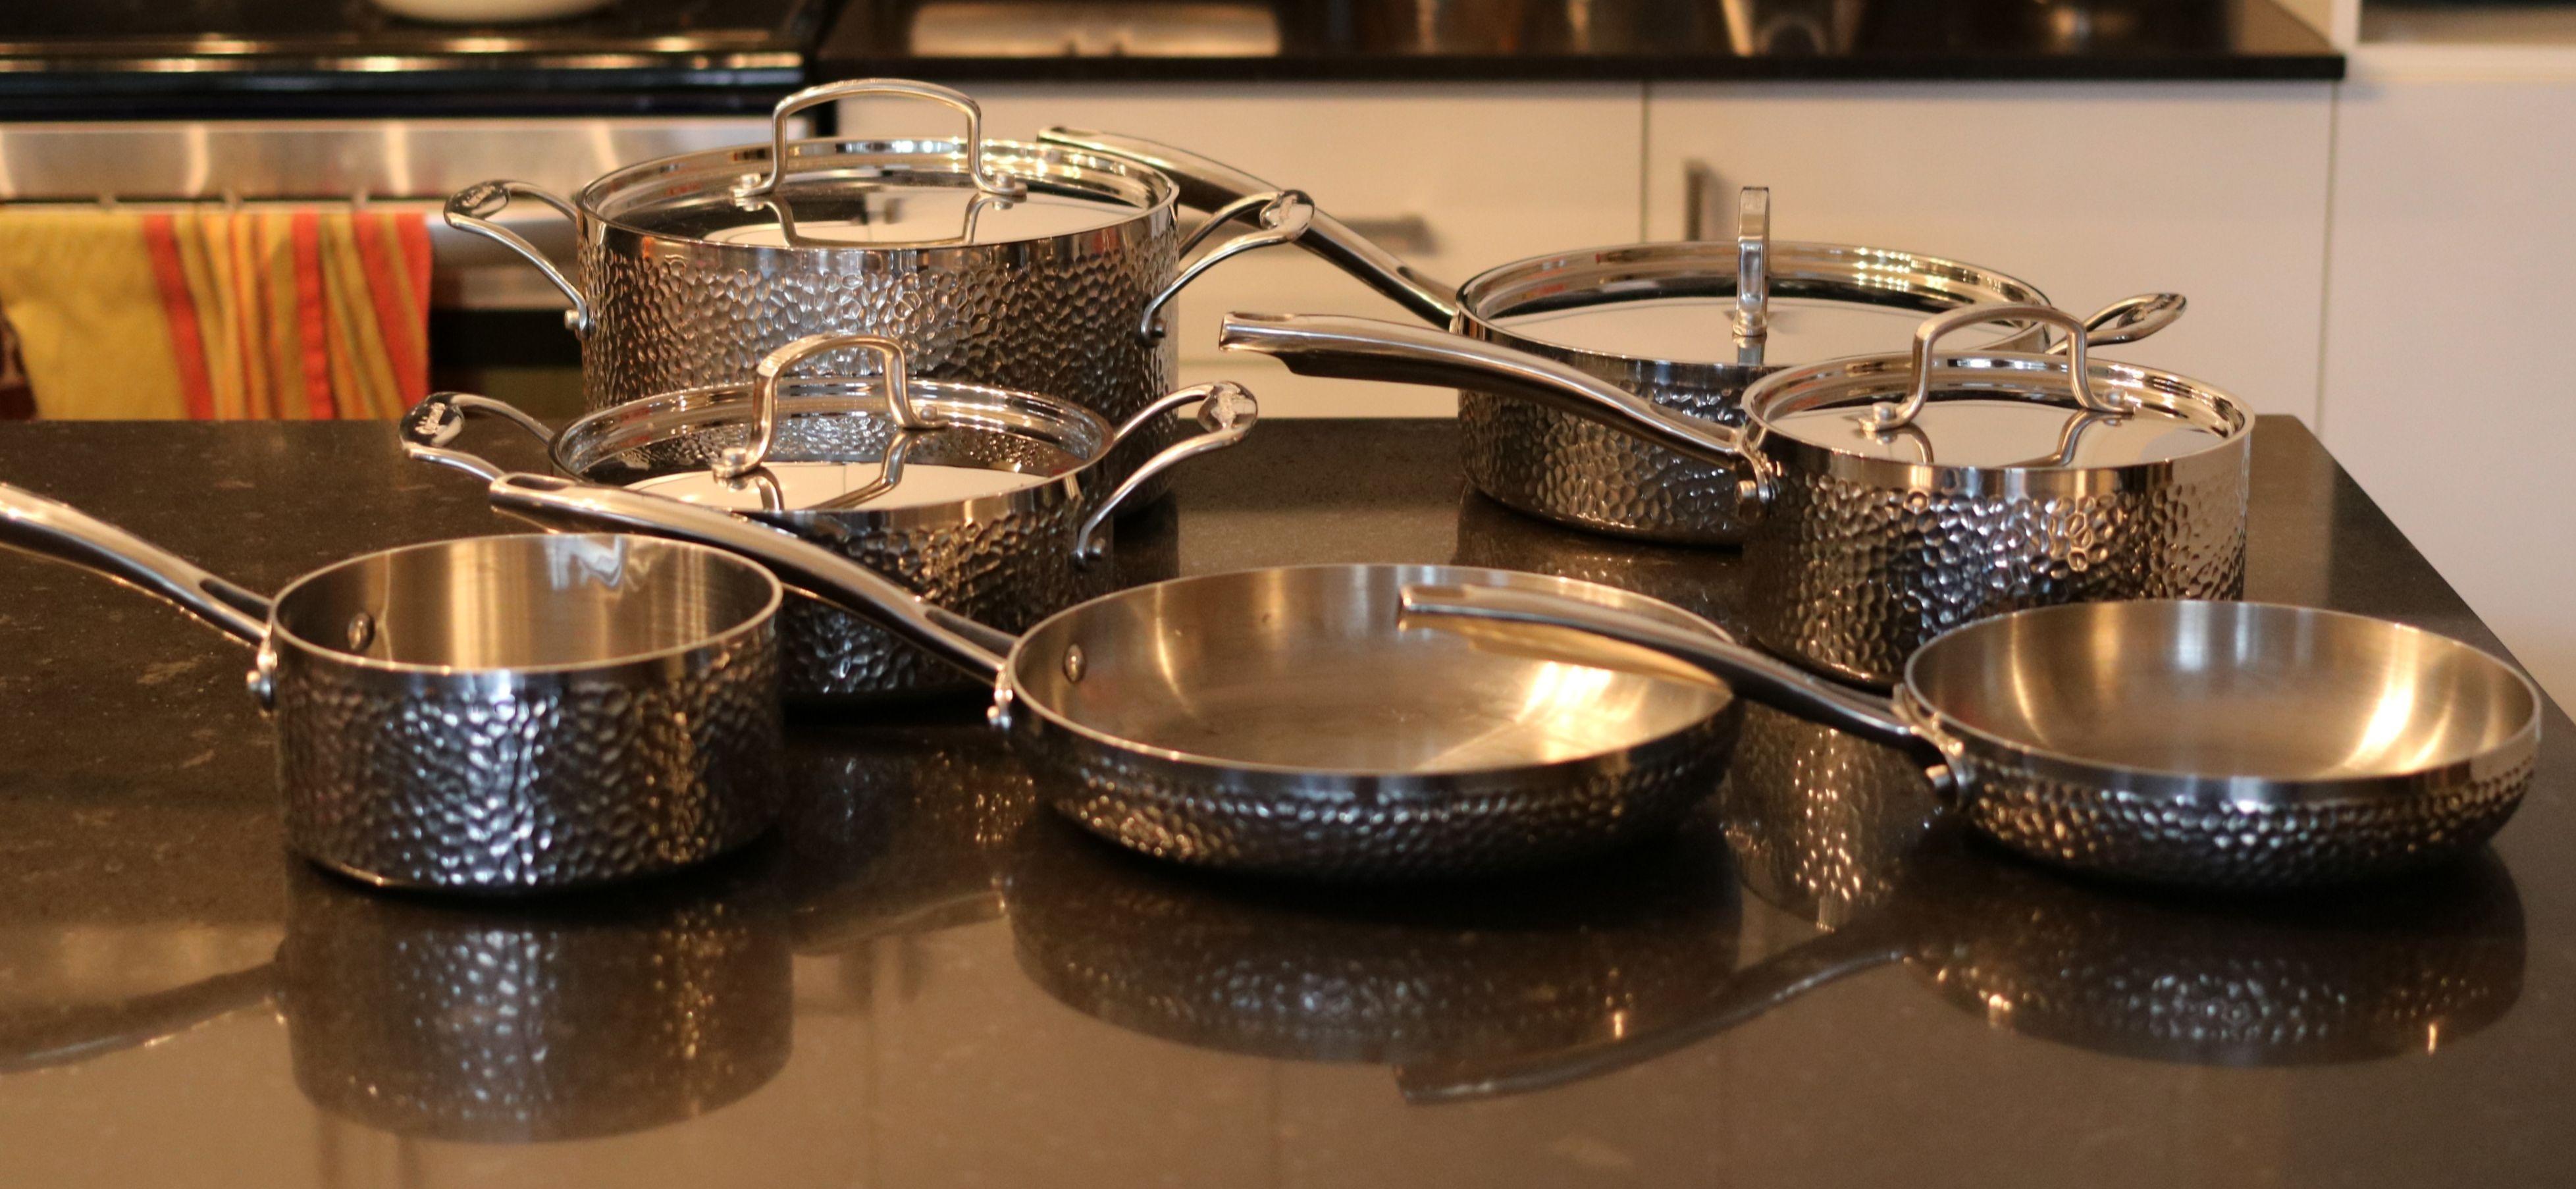 Batterie De Cuisine Gaz critique de la batterie de cuisine elite collection de